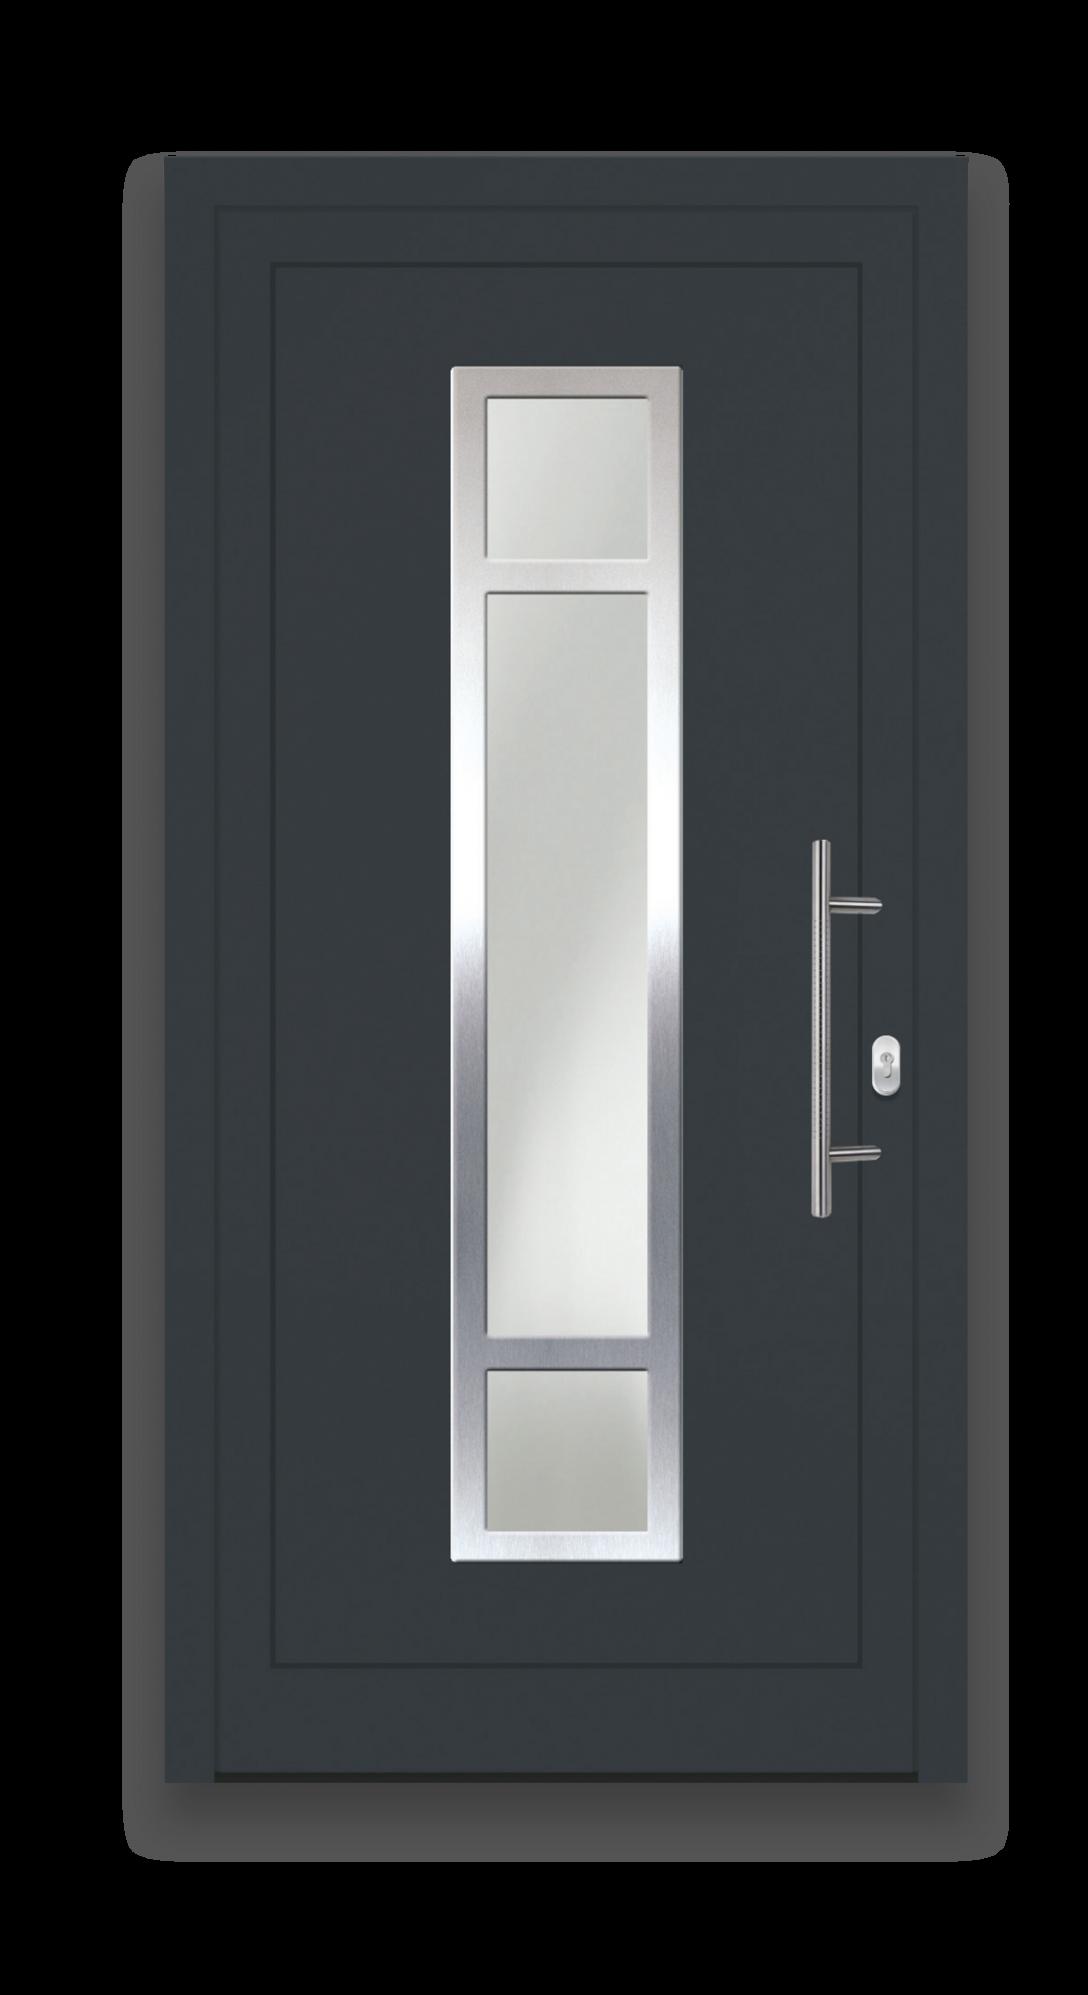 Large Size of Fenster Gnstig Online Kaufen Fertigfenster Drutex Test Konfigurator Sicherheitsbeschläge Nachrüsten Schlafzimmer Set Günstig Sichtschutzfolien Für Fenster Fenster Günstig Kaufen